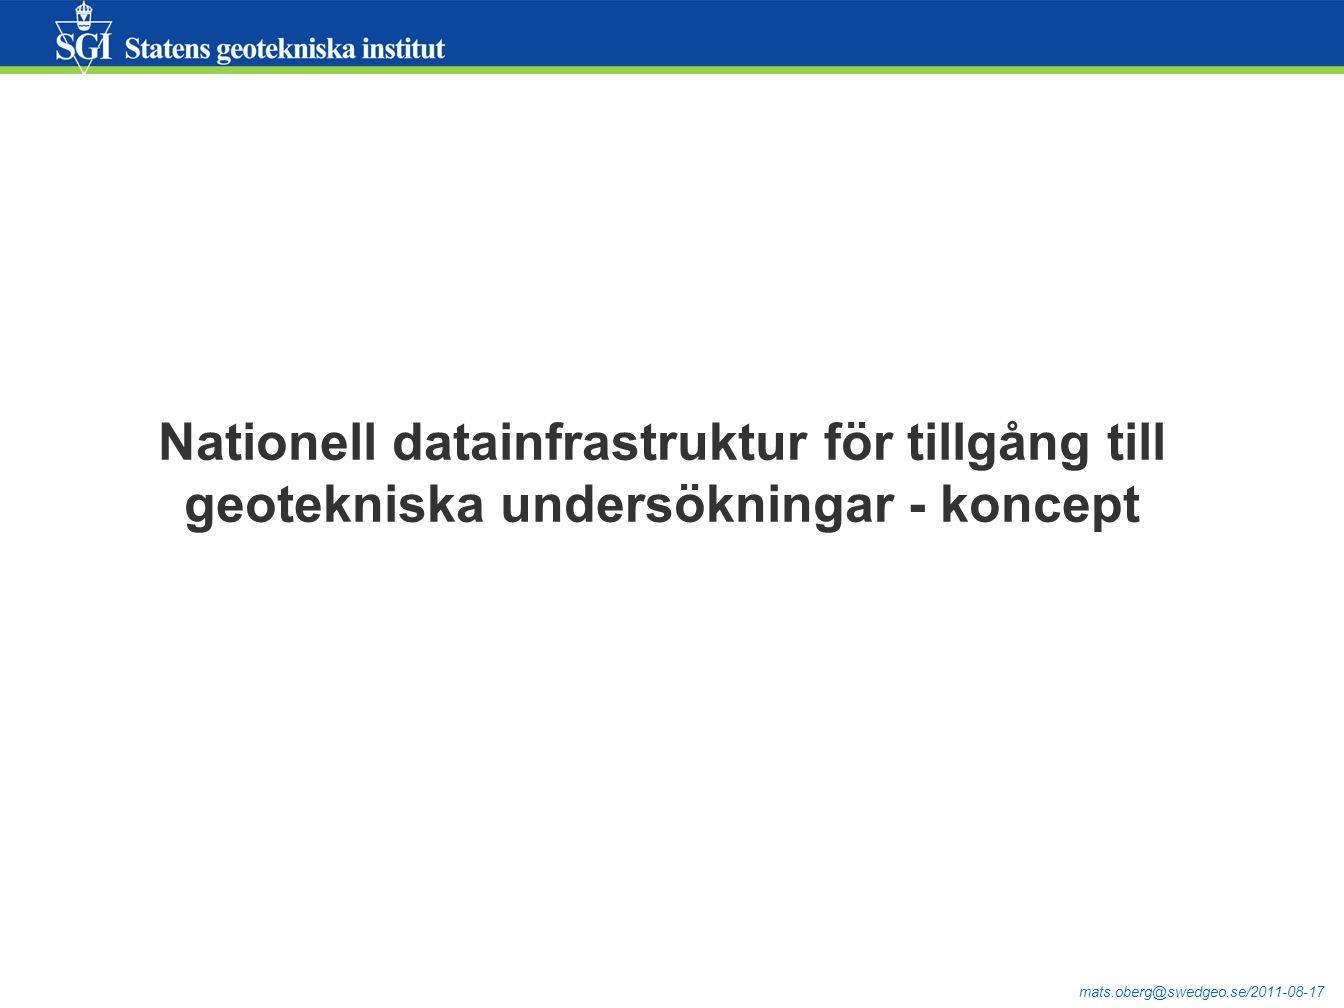 Nationell datainfrastruktur för tillgång till geotekniska undersökningar - koncept